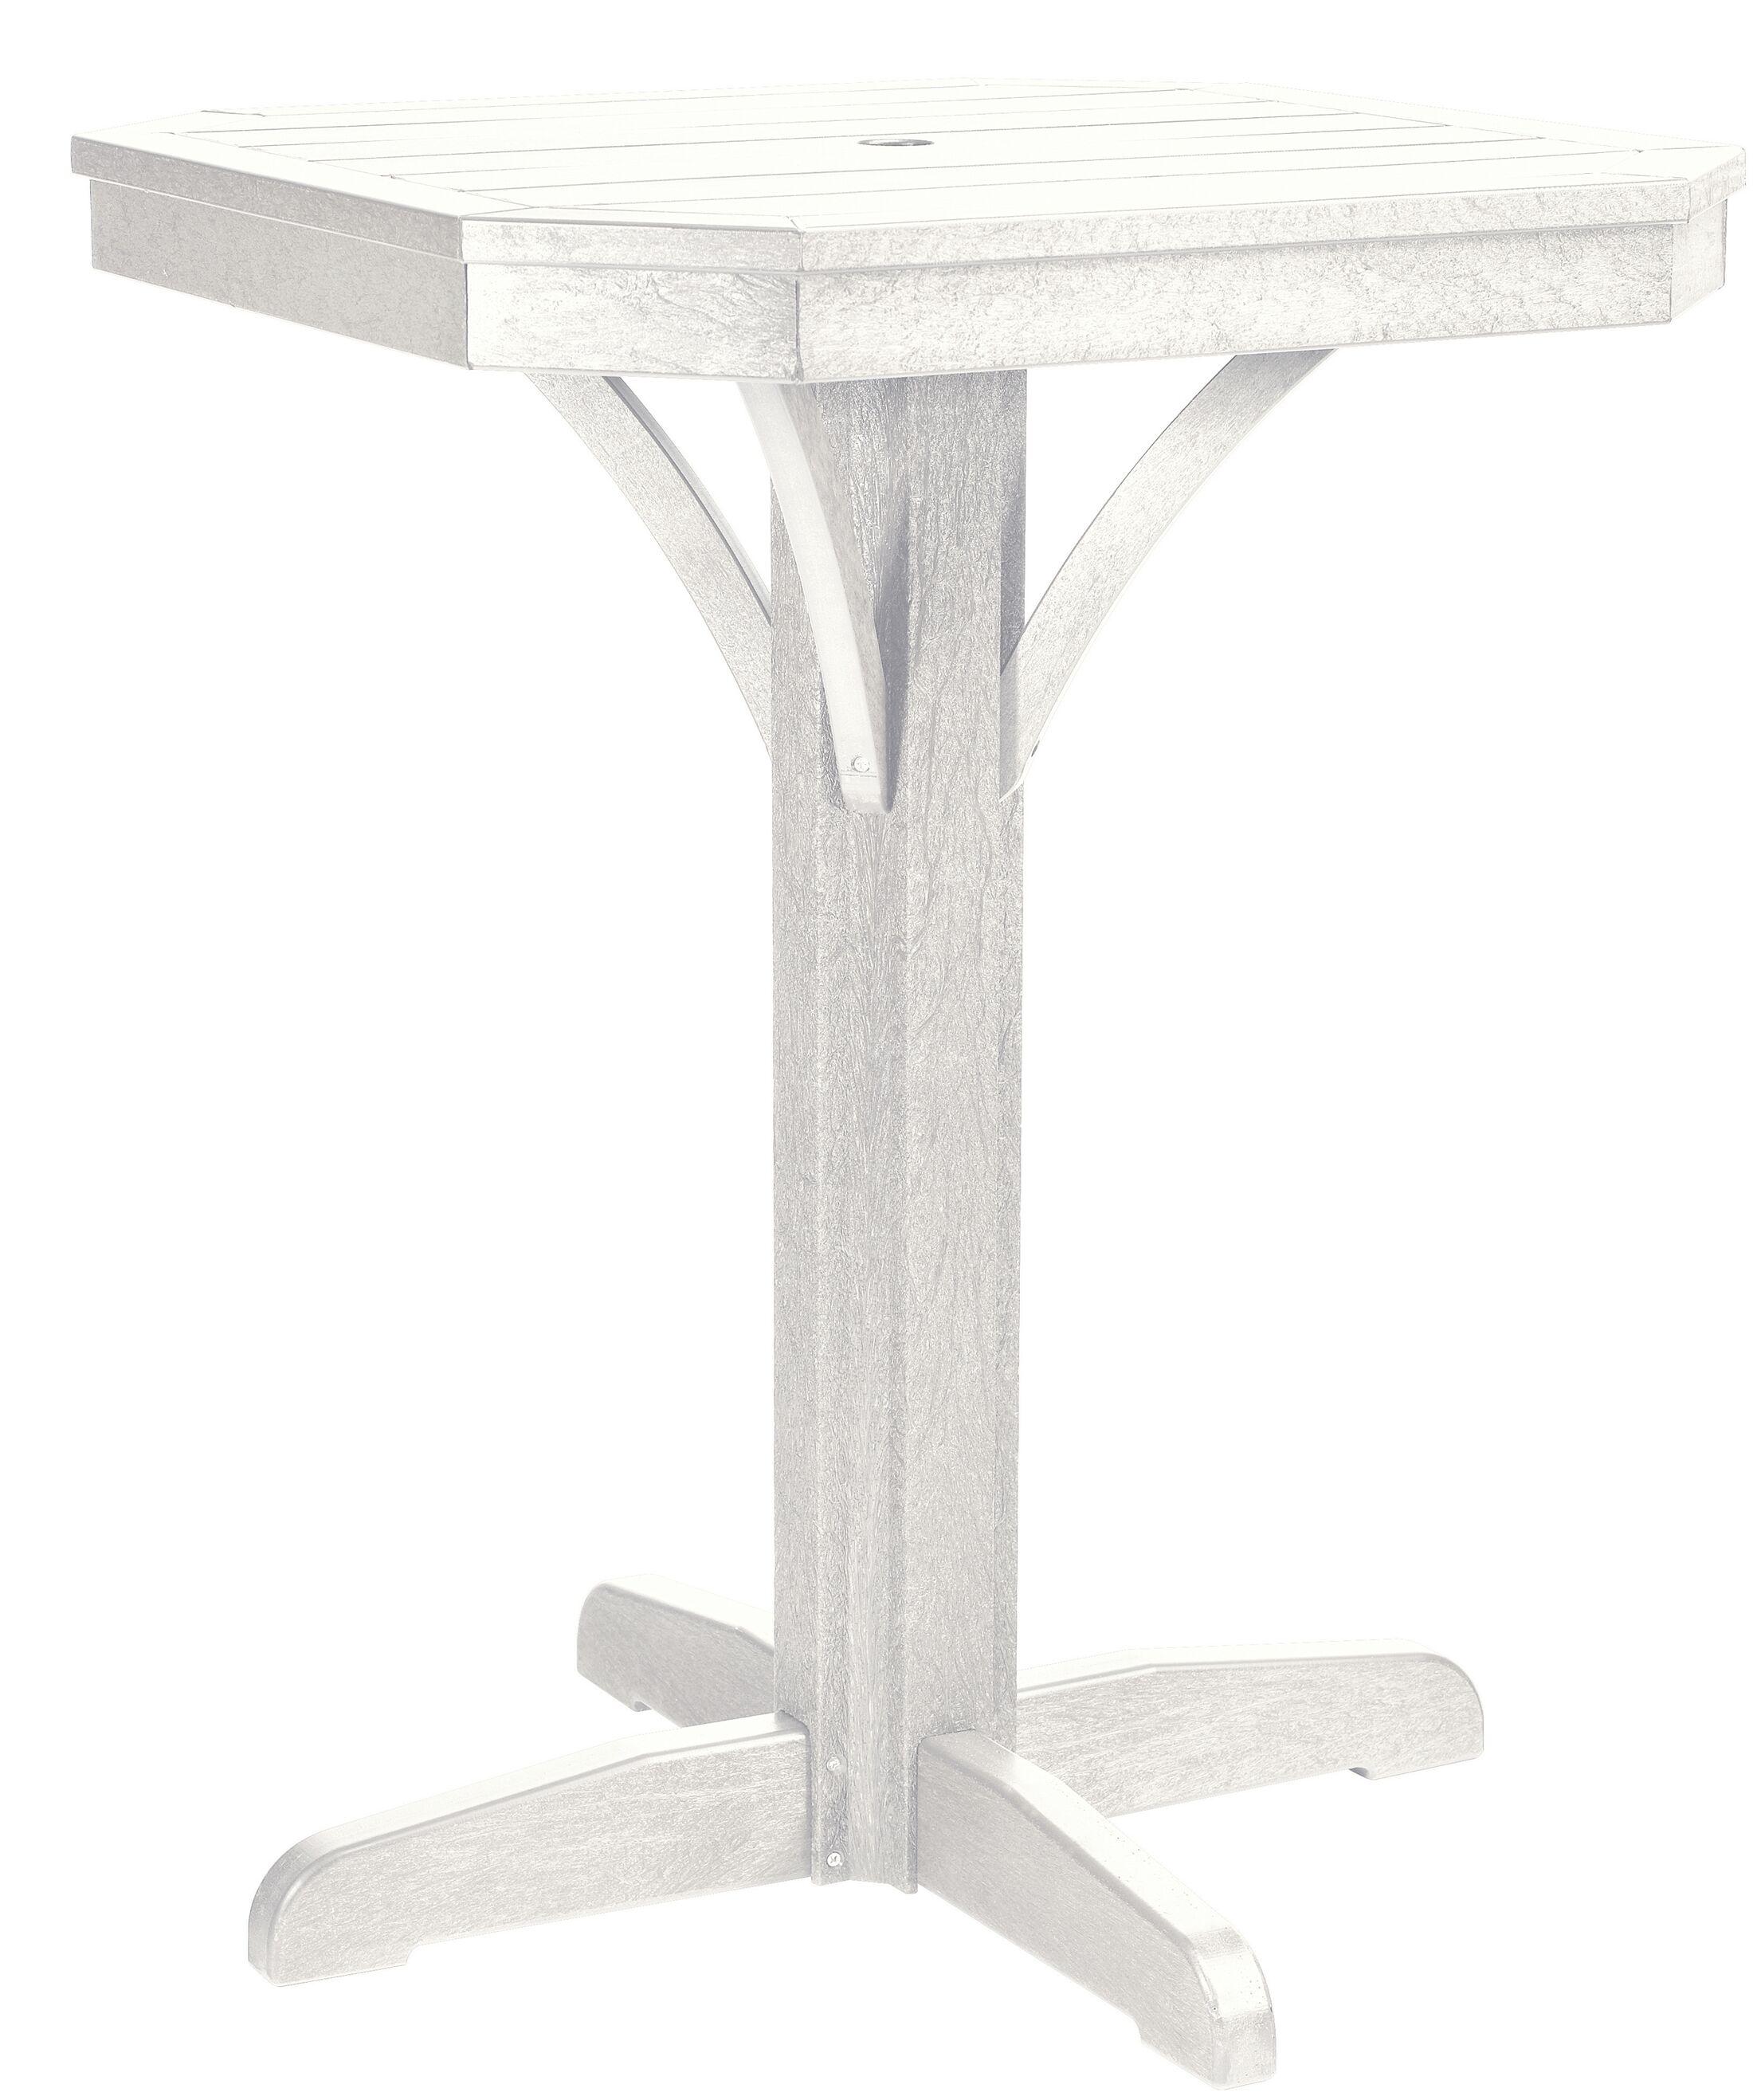 Raja Plastic Bar Table Color: White, Size: 36